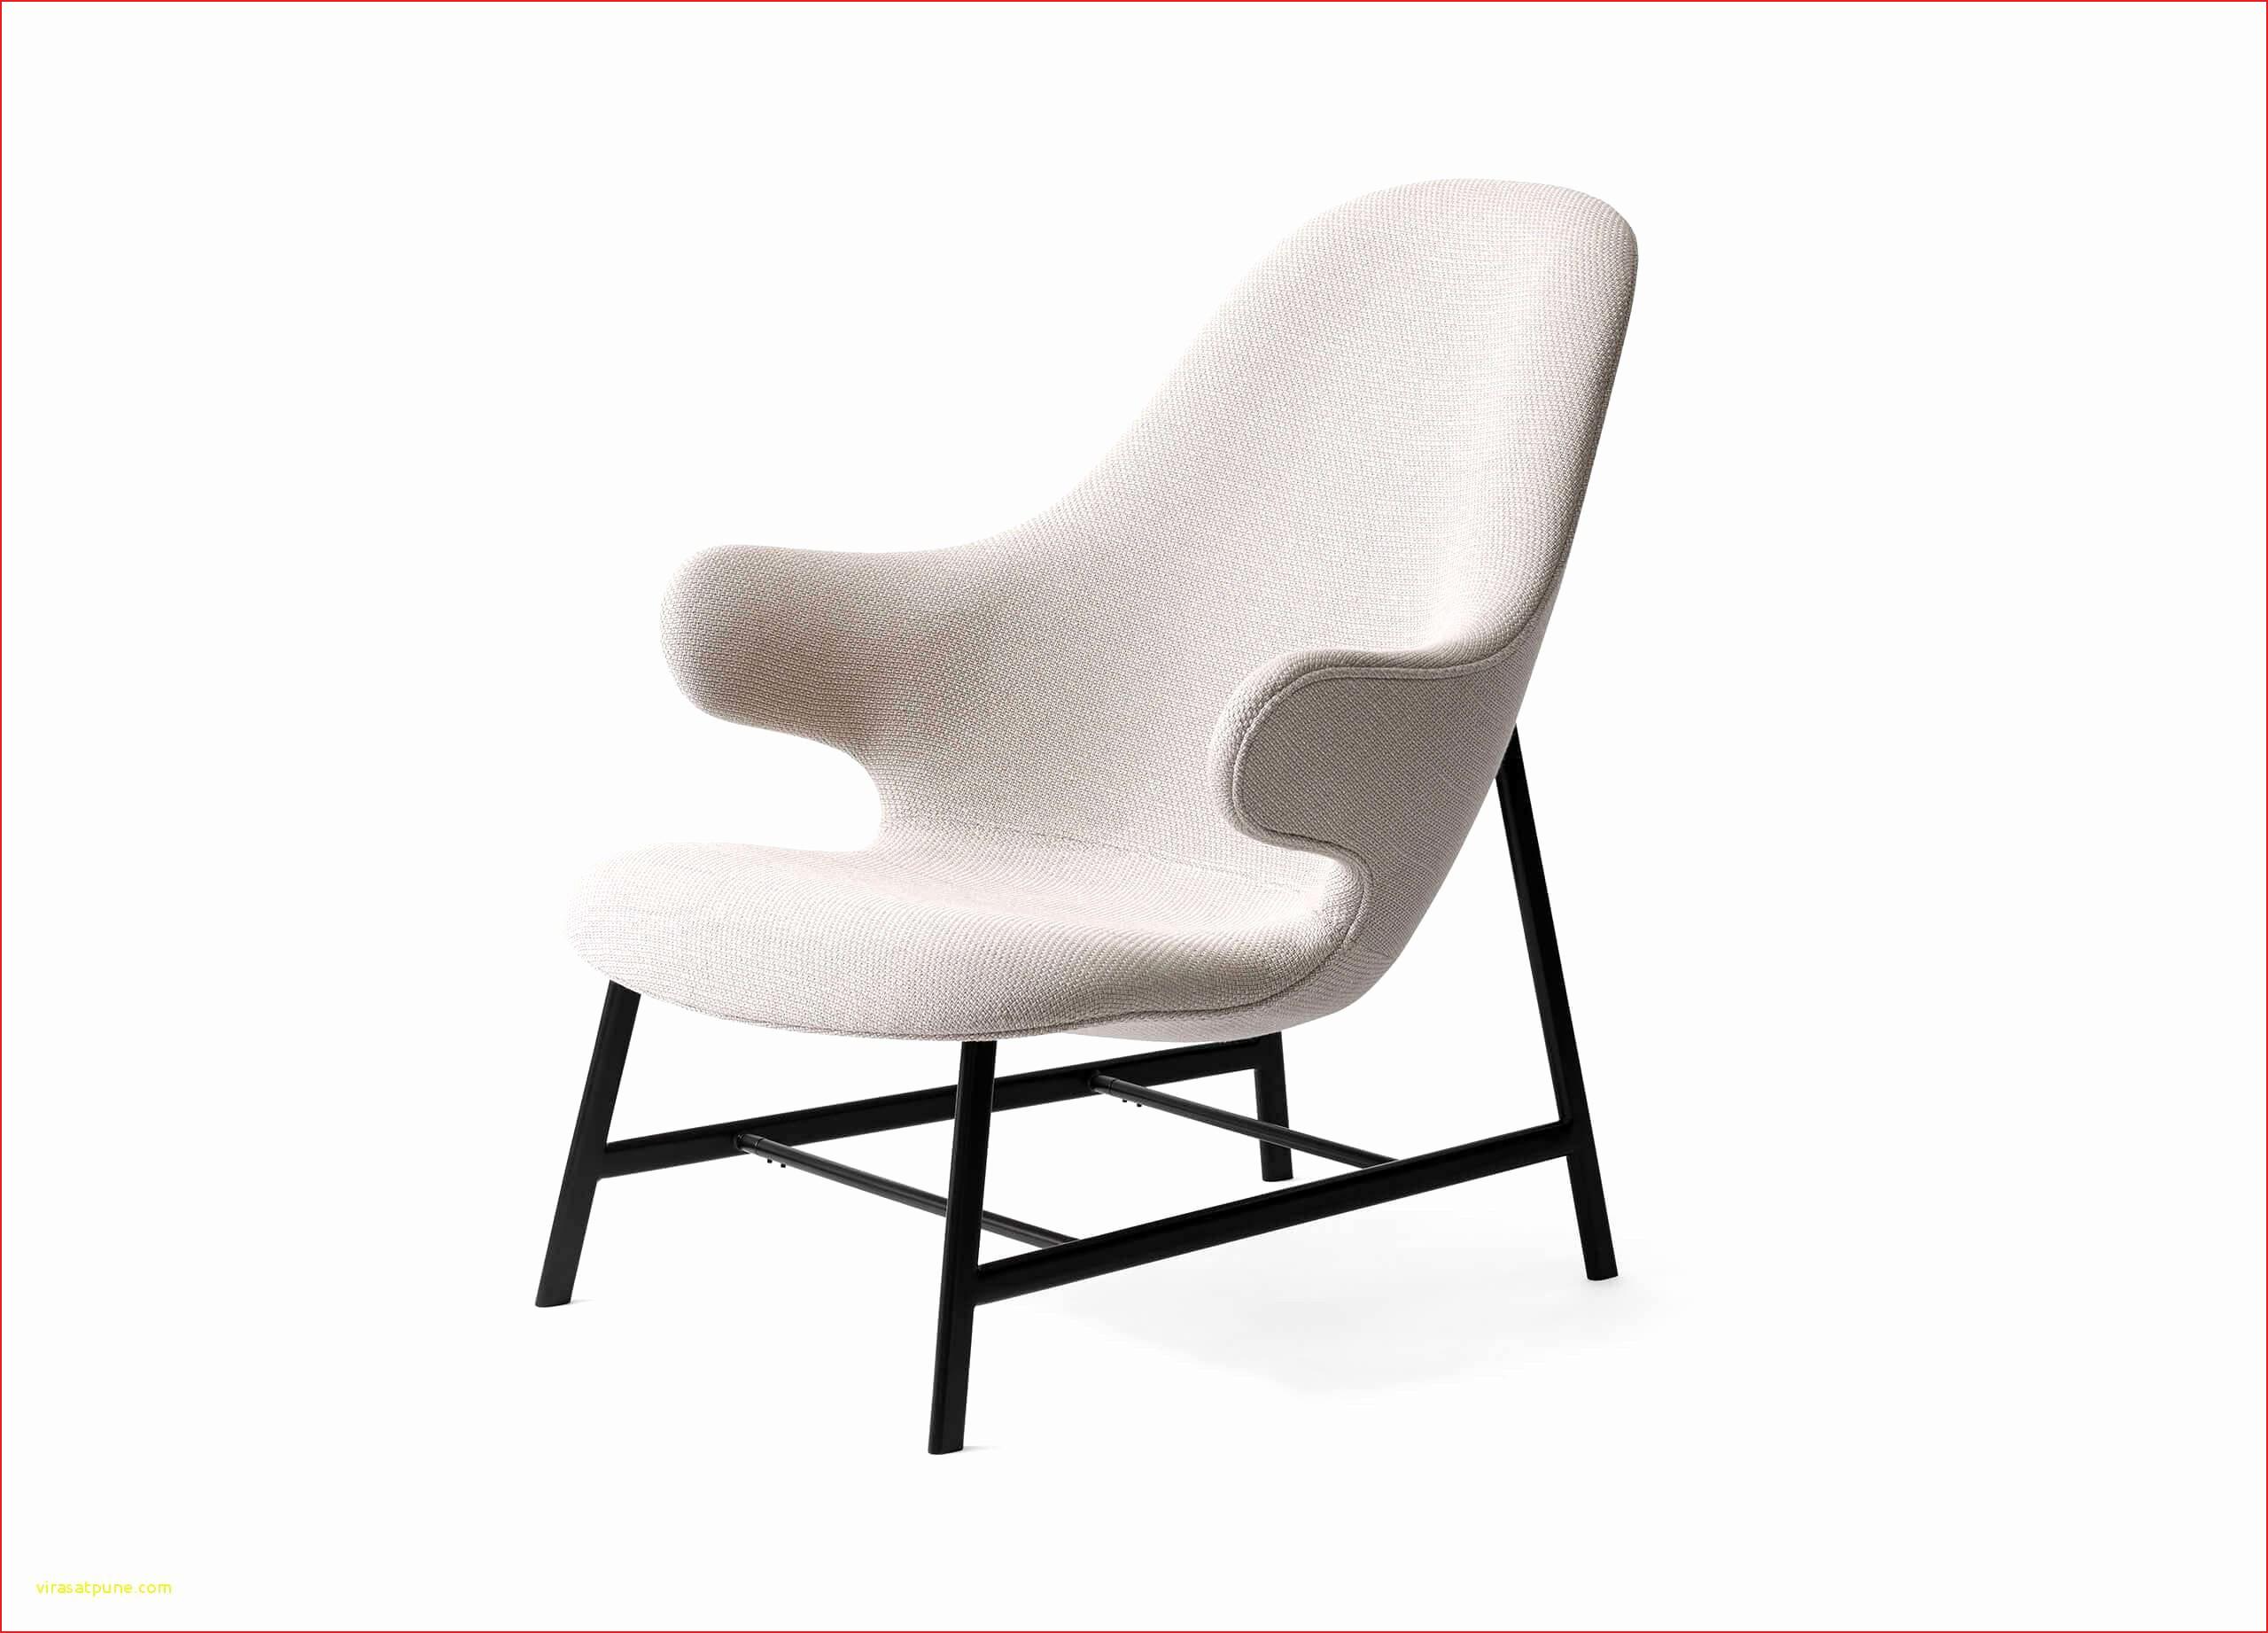 housse de fauteuil la redoute fauteuils relax la redoute of housse de fauteuil la redoute